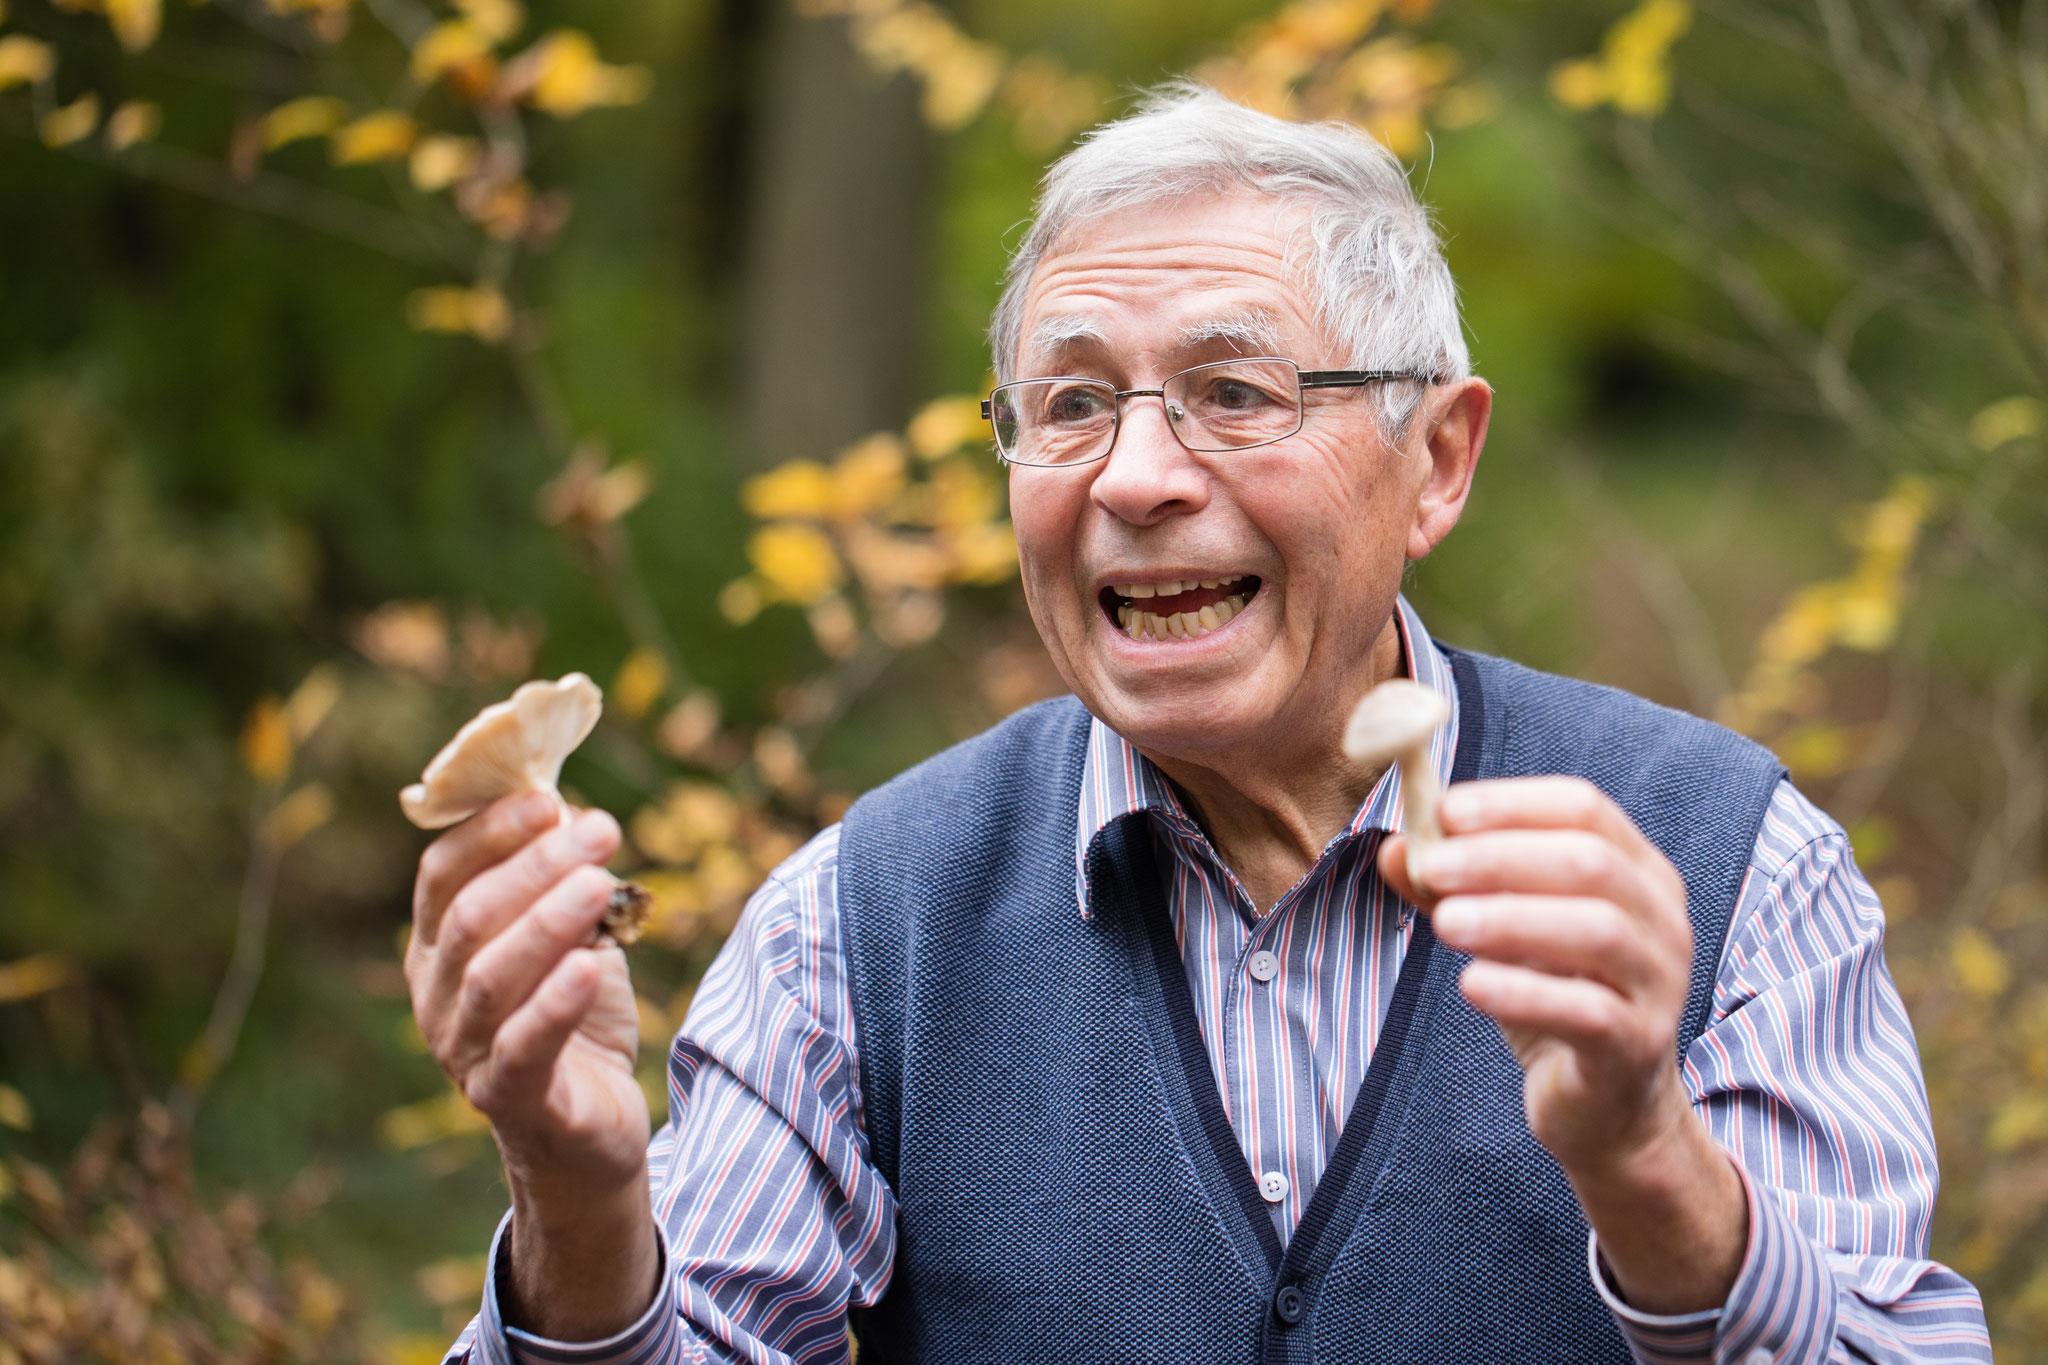 Stefan Elmer bei der Pilzbesprechung (Foto: Andreas Sebald)